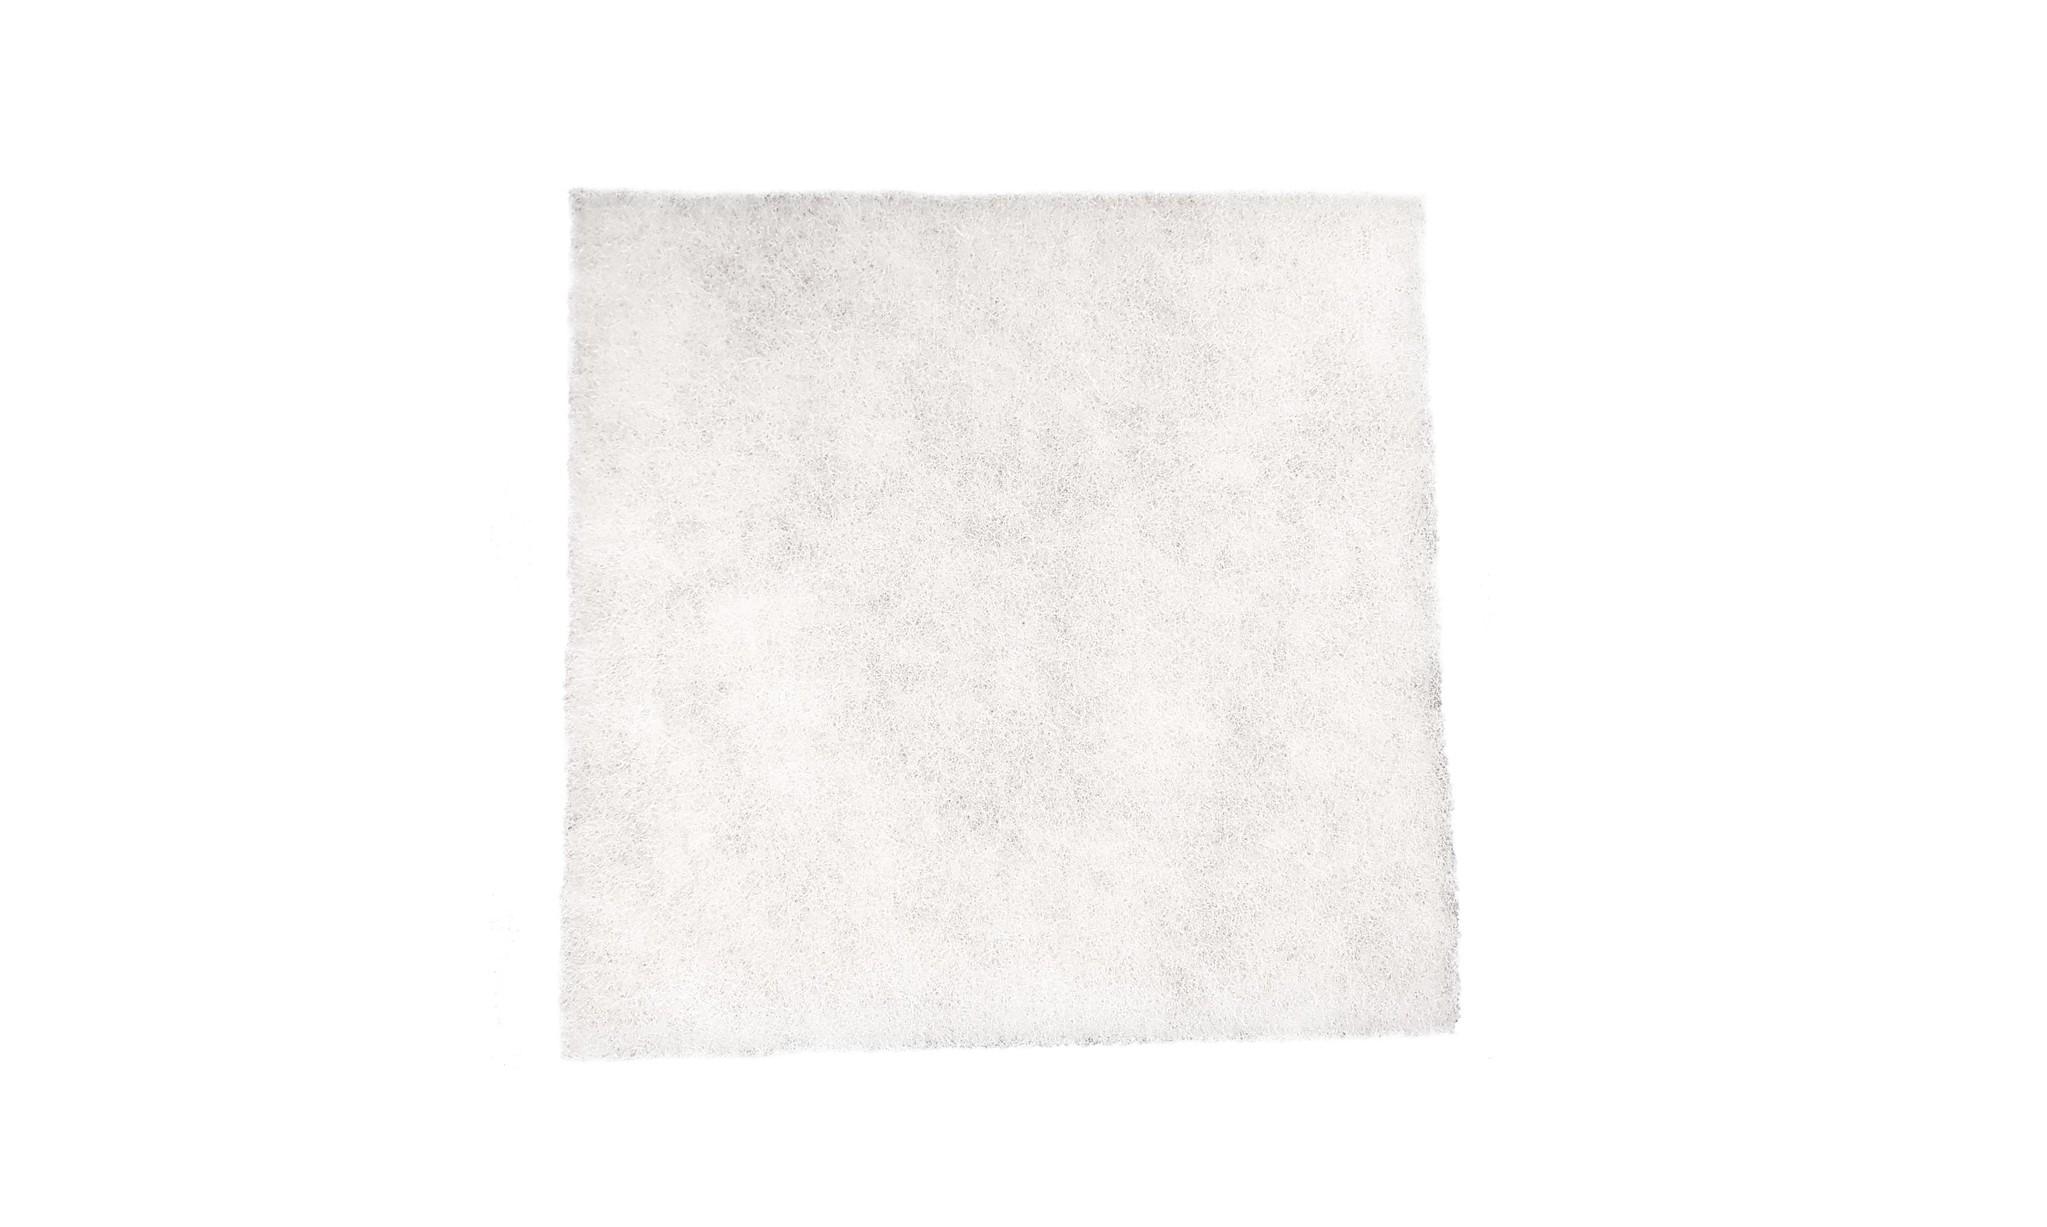 kröber 4.0 Foam groffilter